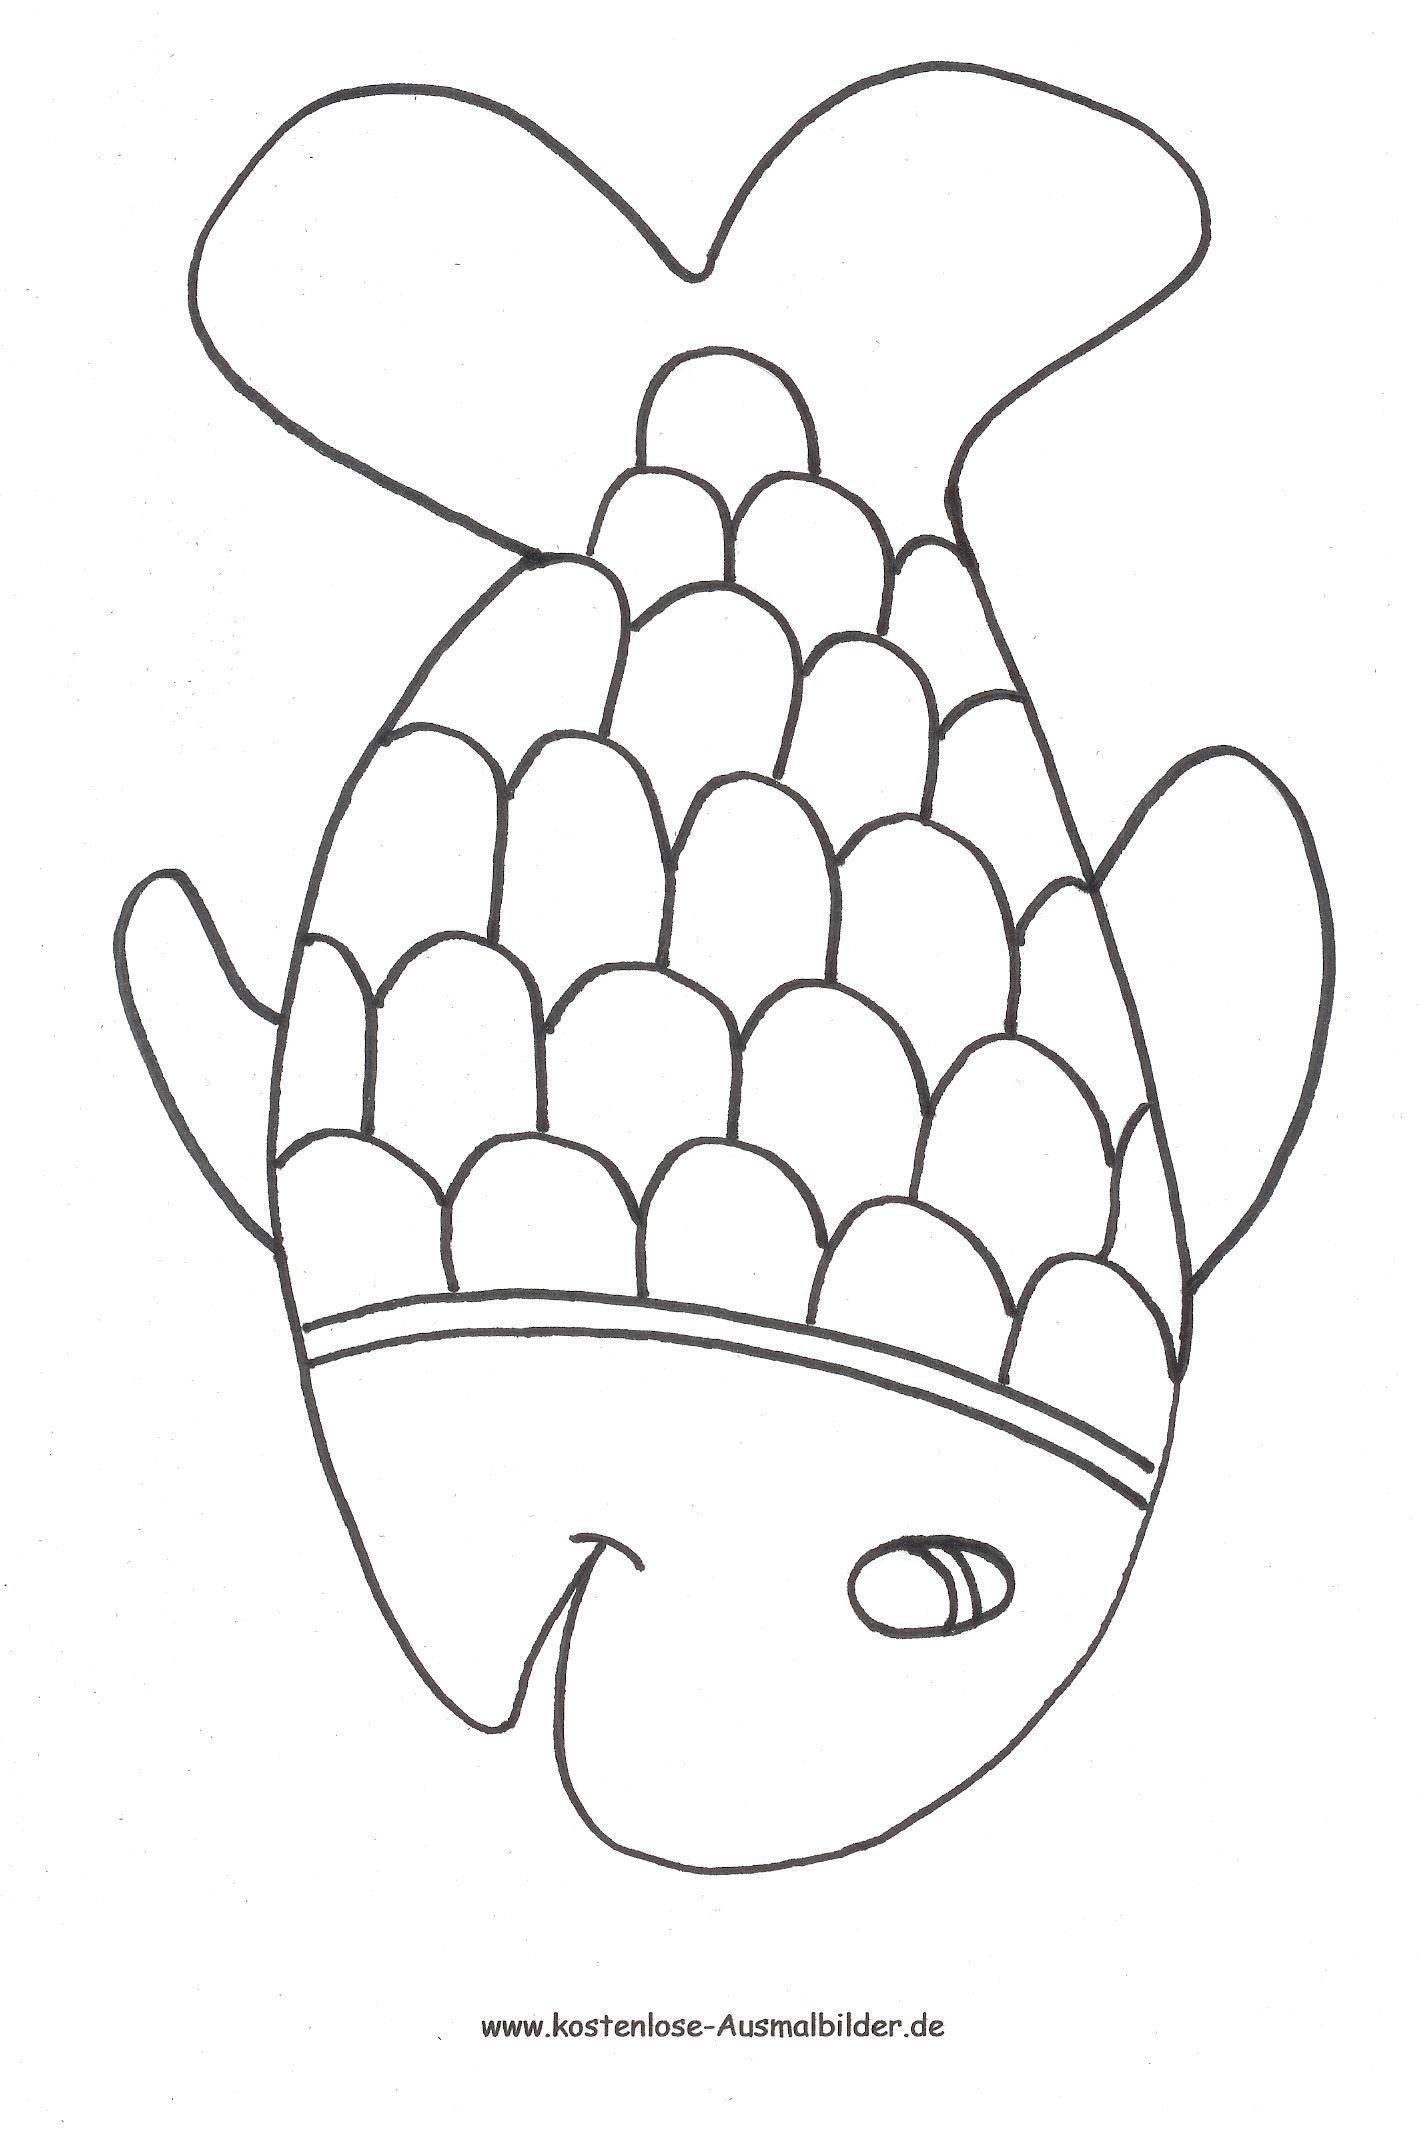 Ausmalbilder Fische Gratis Ausmalbilder Für Kinder Babyparty Für